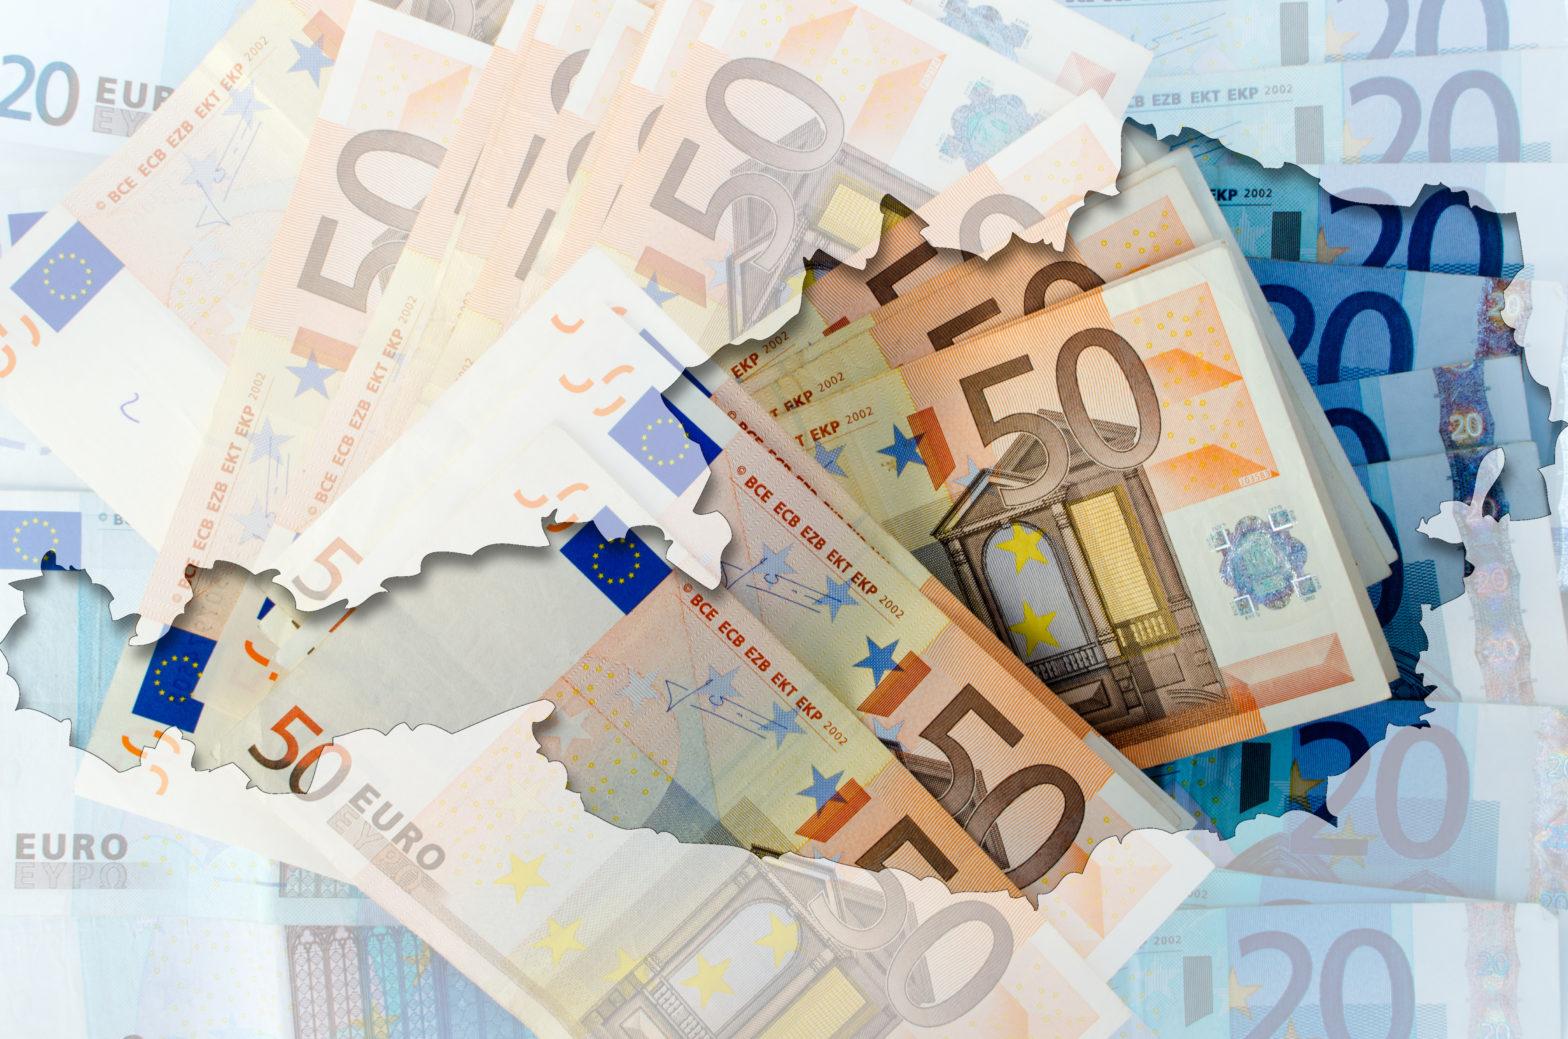 Krankenkassen erwarten Überschuss von 73 Millionen Euro für 2012.